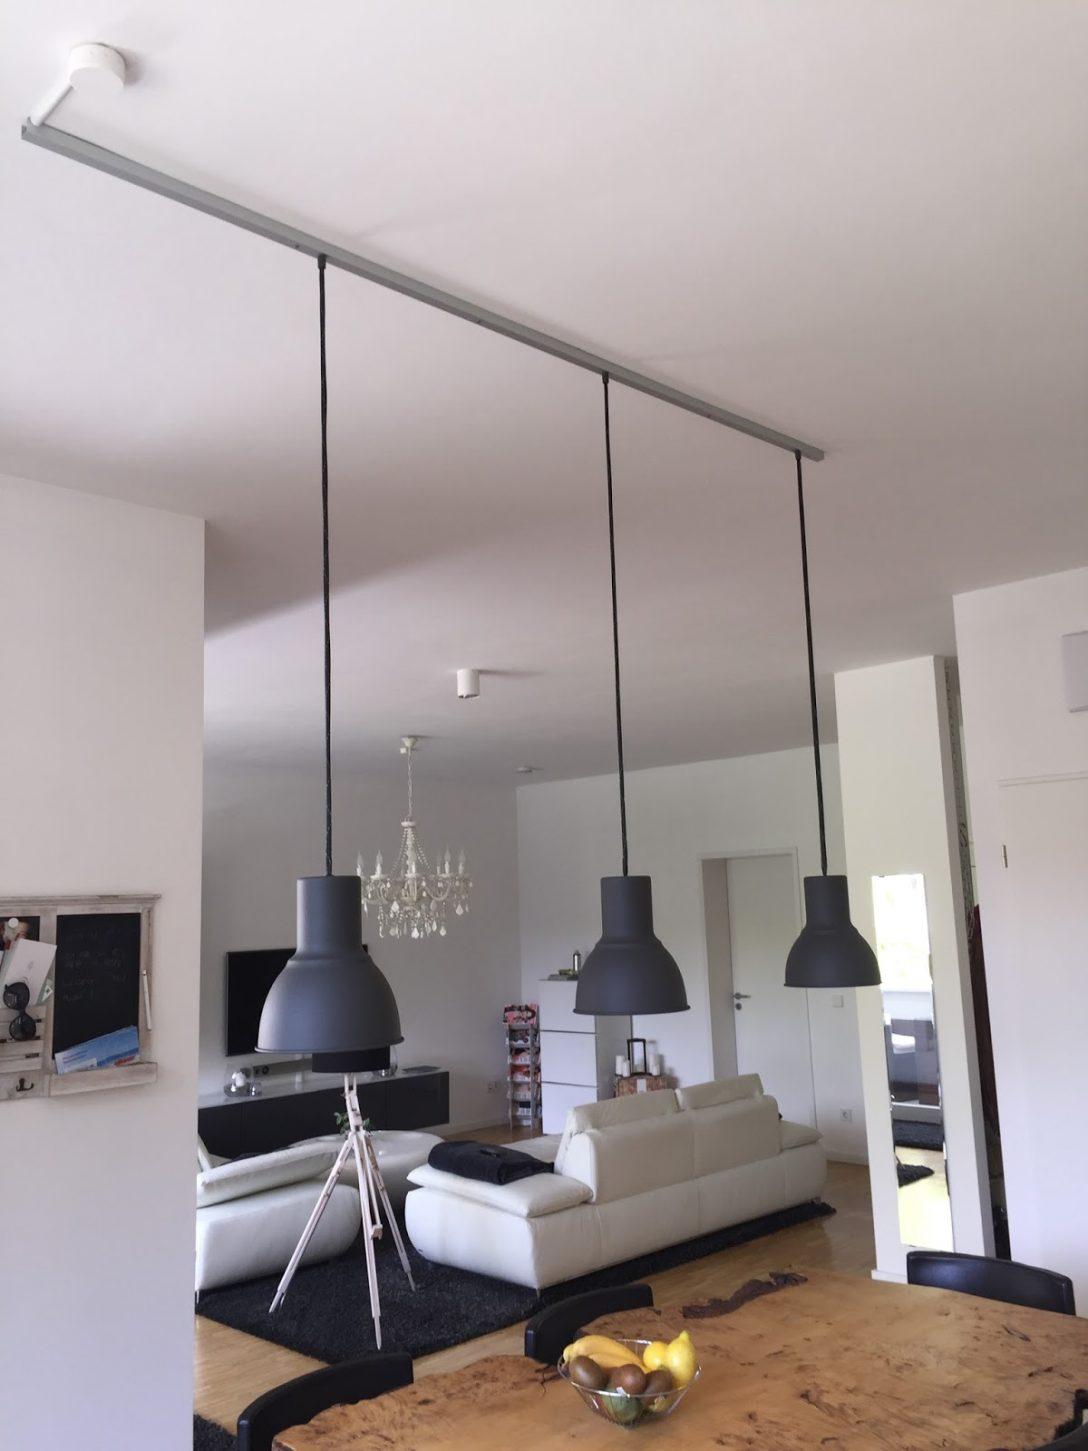 Large Size of Ikea Stehlampen Stehlampe Hektar Lampen Leuchten Gnstig Online Modulküche Küche Kosten Betten Bei Sofa Mit Schlaffunktion Wohnzimmer 160x200 Kaufen Wohnzimmer Ikea Stehlampen